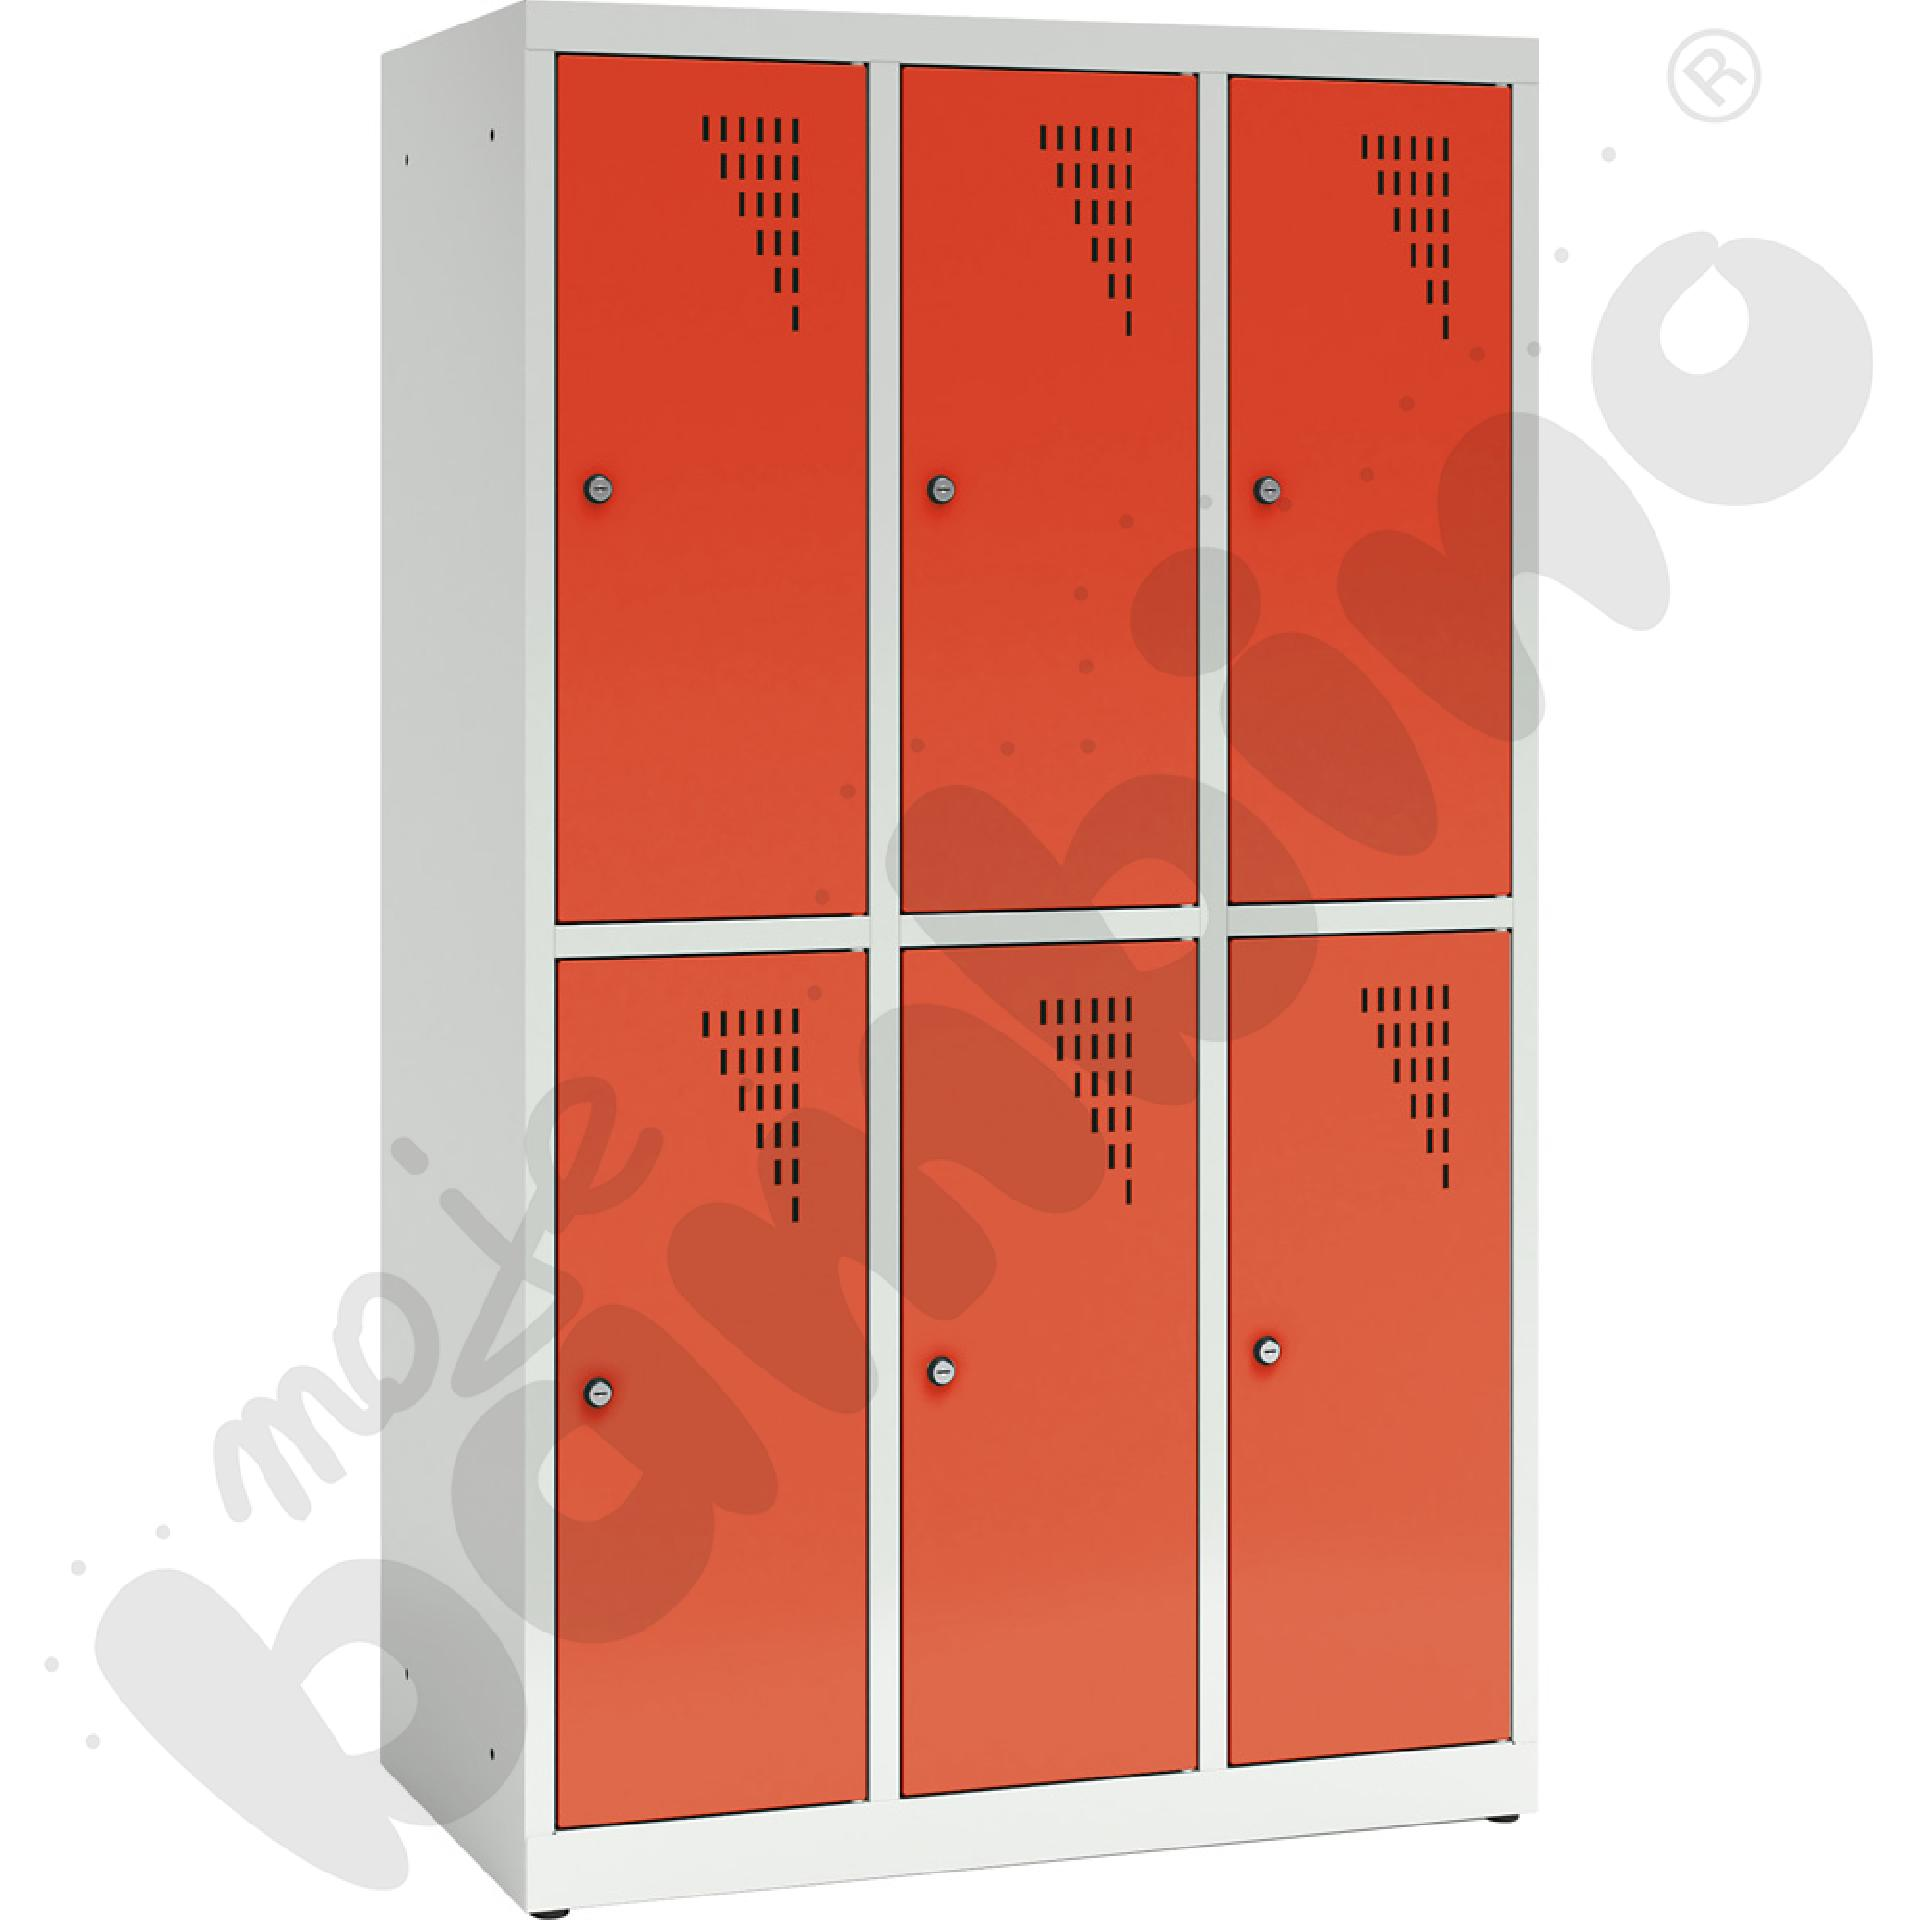 Szafa ubraniowa z 6 schowkami, 150 cm - drzwi czerwone